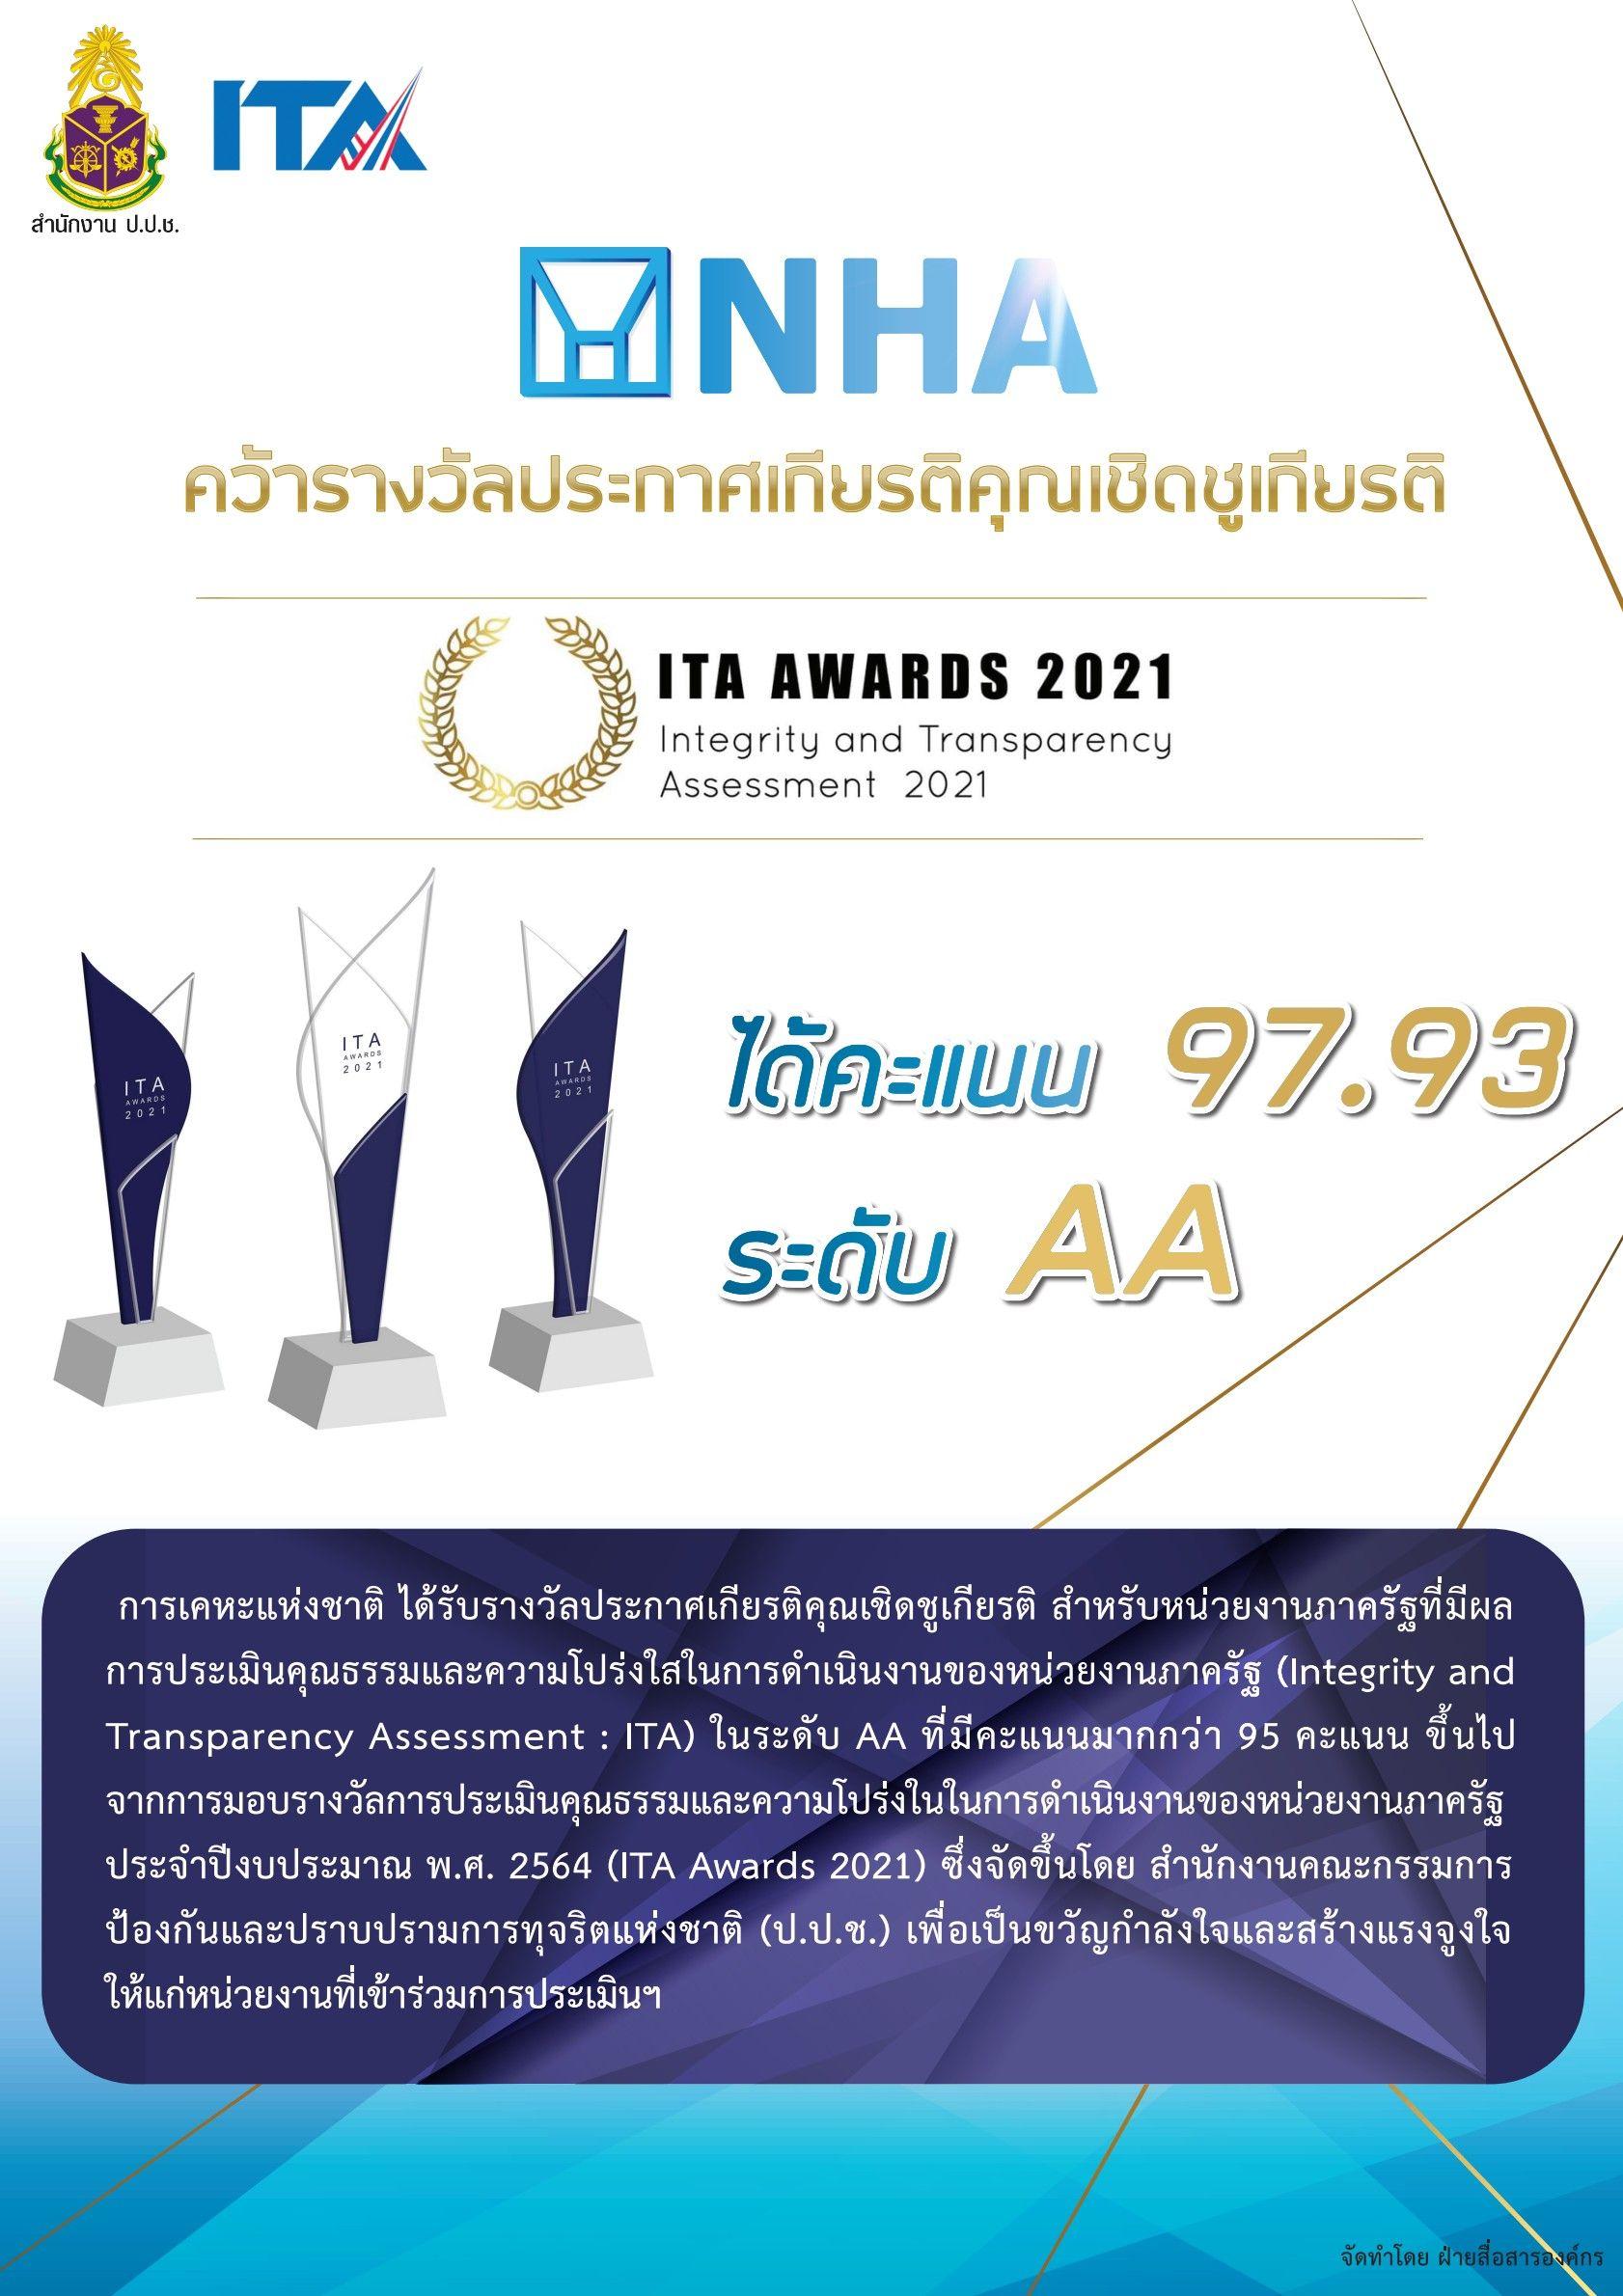 กคช. ได้รับรางวัลประกาศเกียรติคุณเชิดชูเกียรติสำหรับหน่วยงานภาครัฐที่มีผลประเมินระดับ AA ใน ITA Award 2021 ด้วยคะแนน 97.93